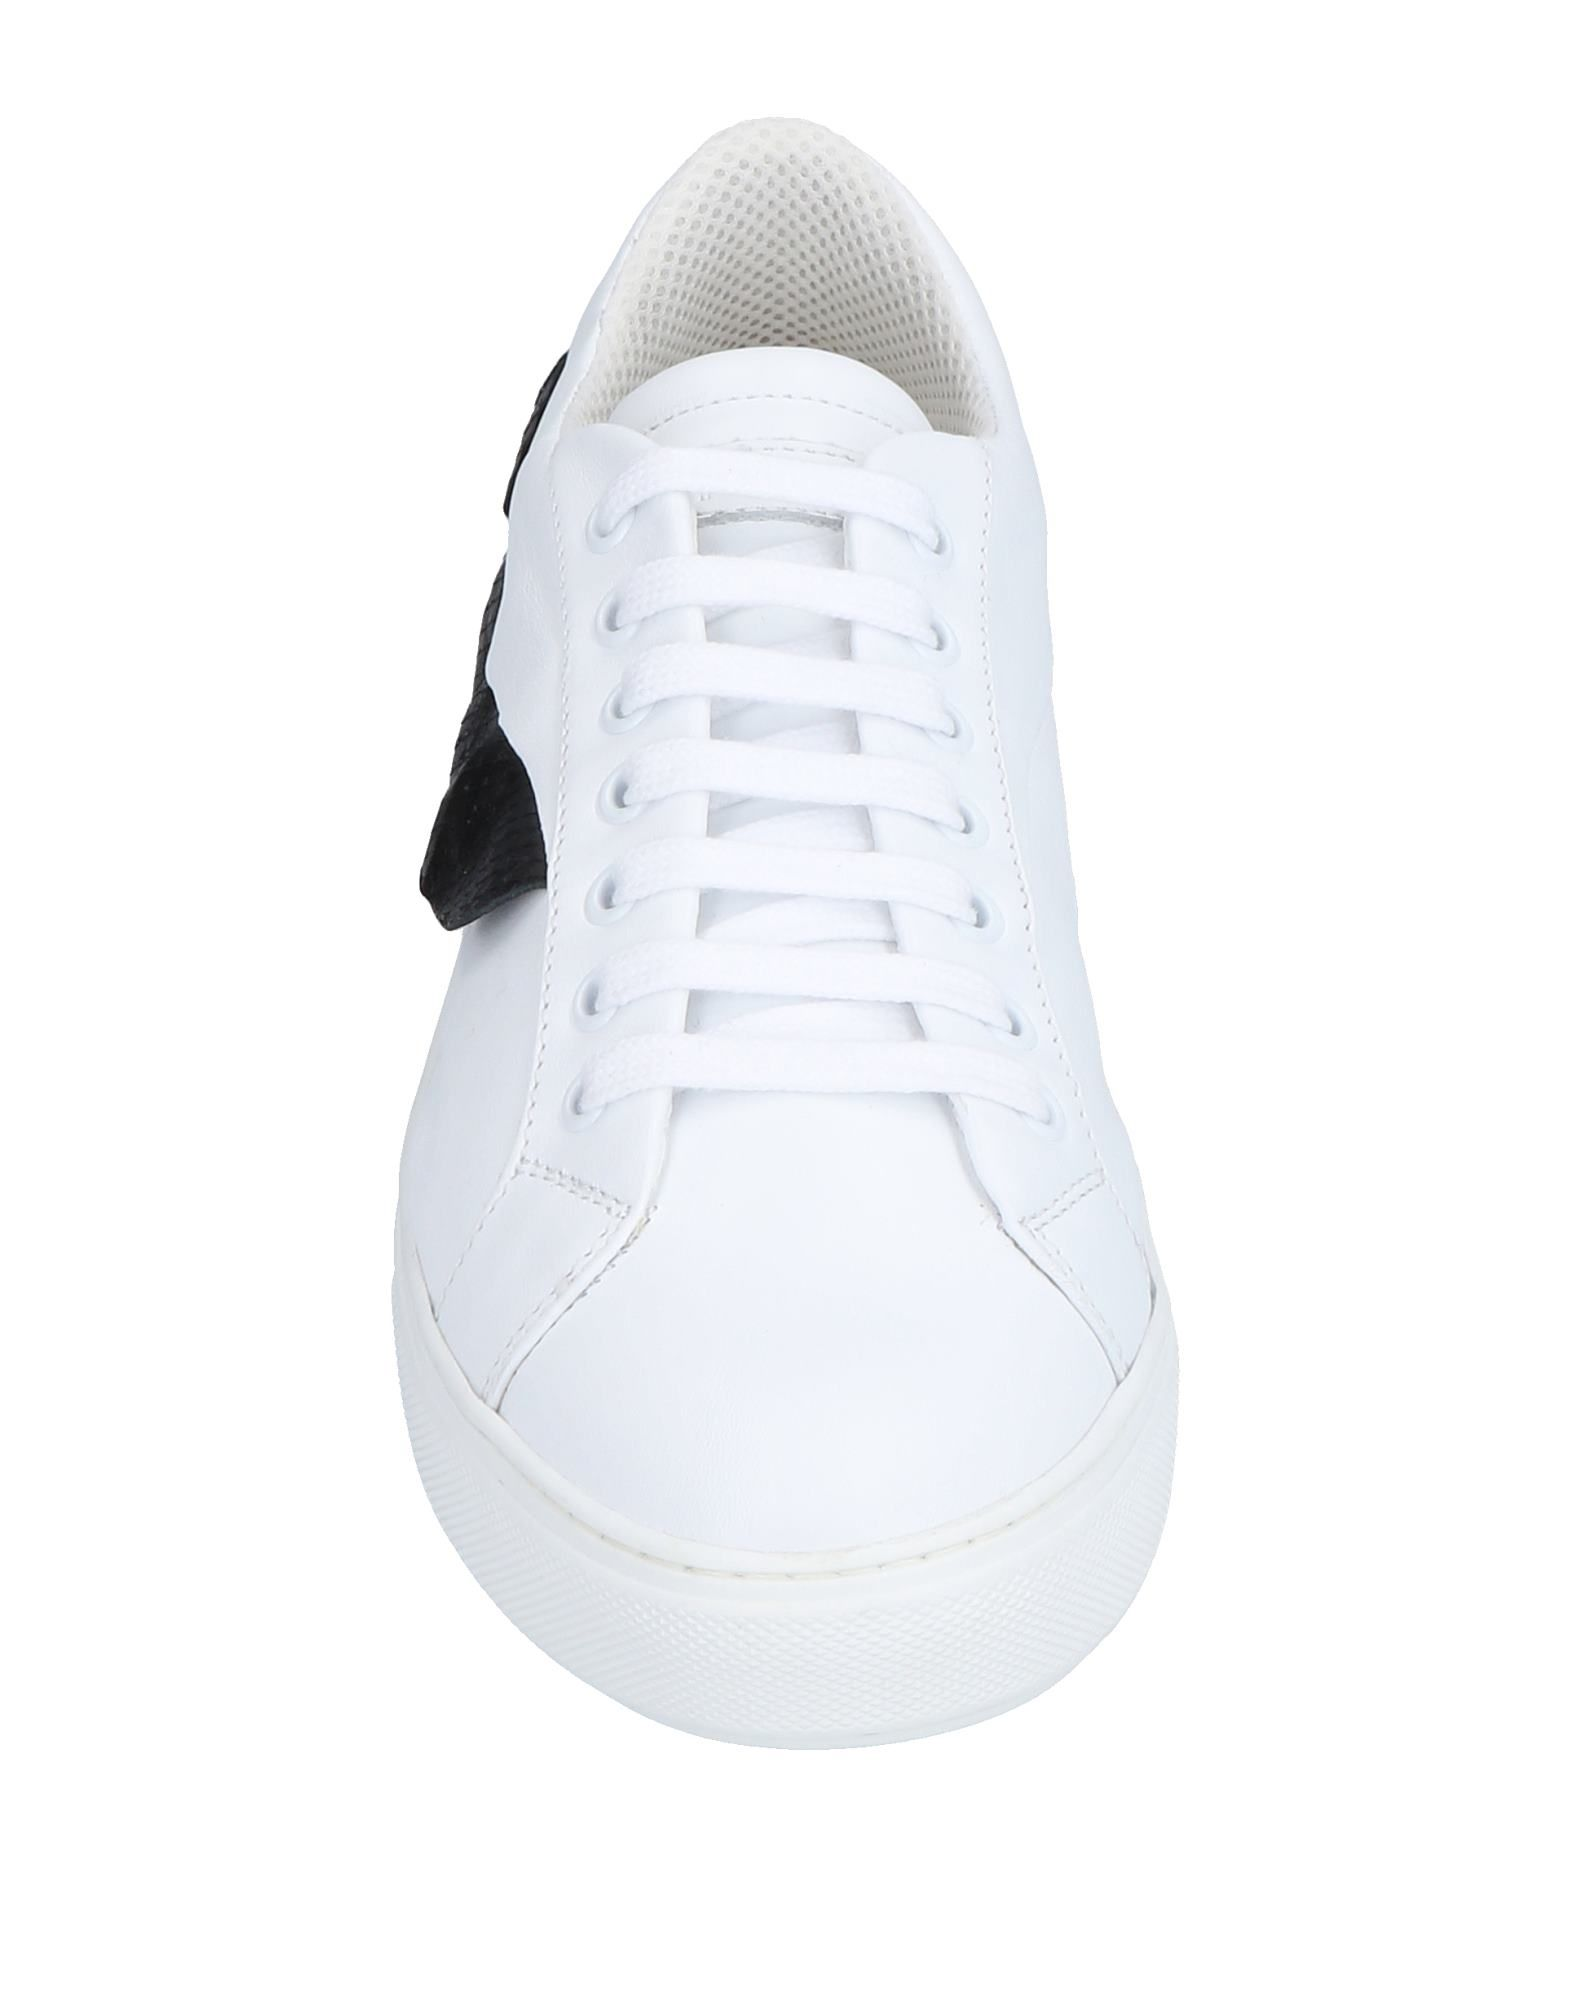 Pinko Pinko  Sneakers Damen  11434163HW 857abf